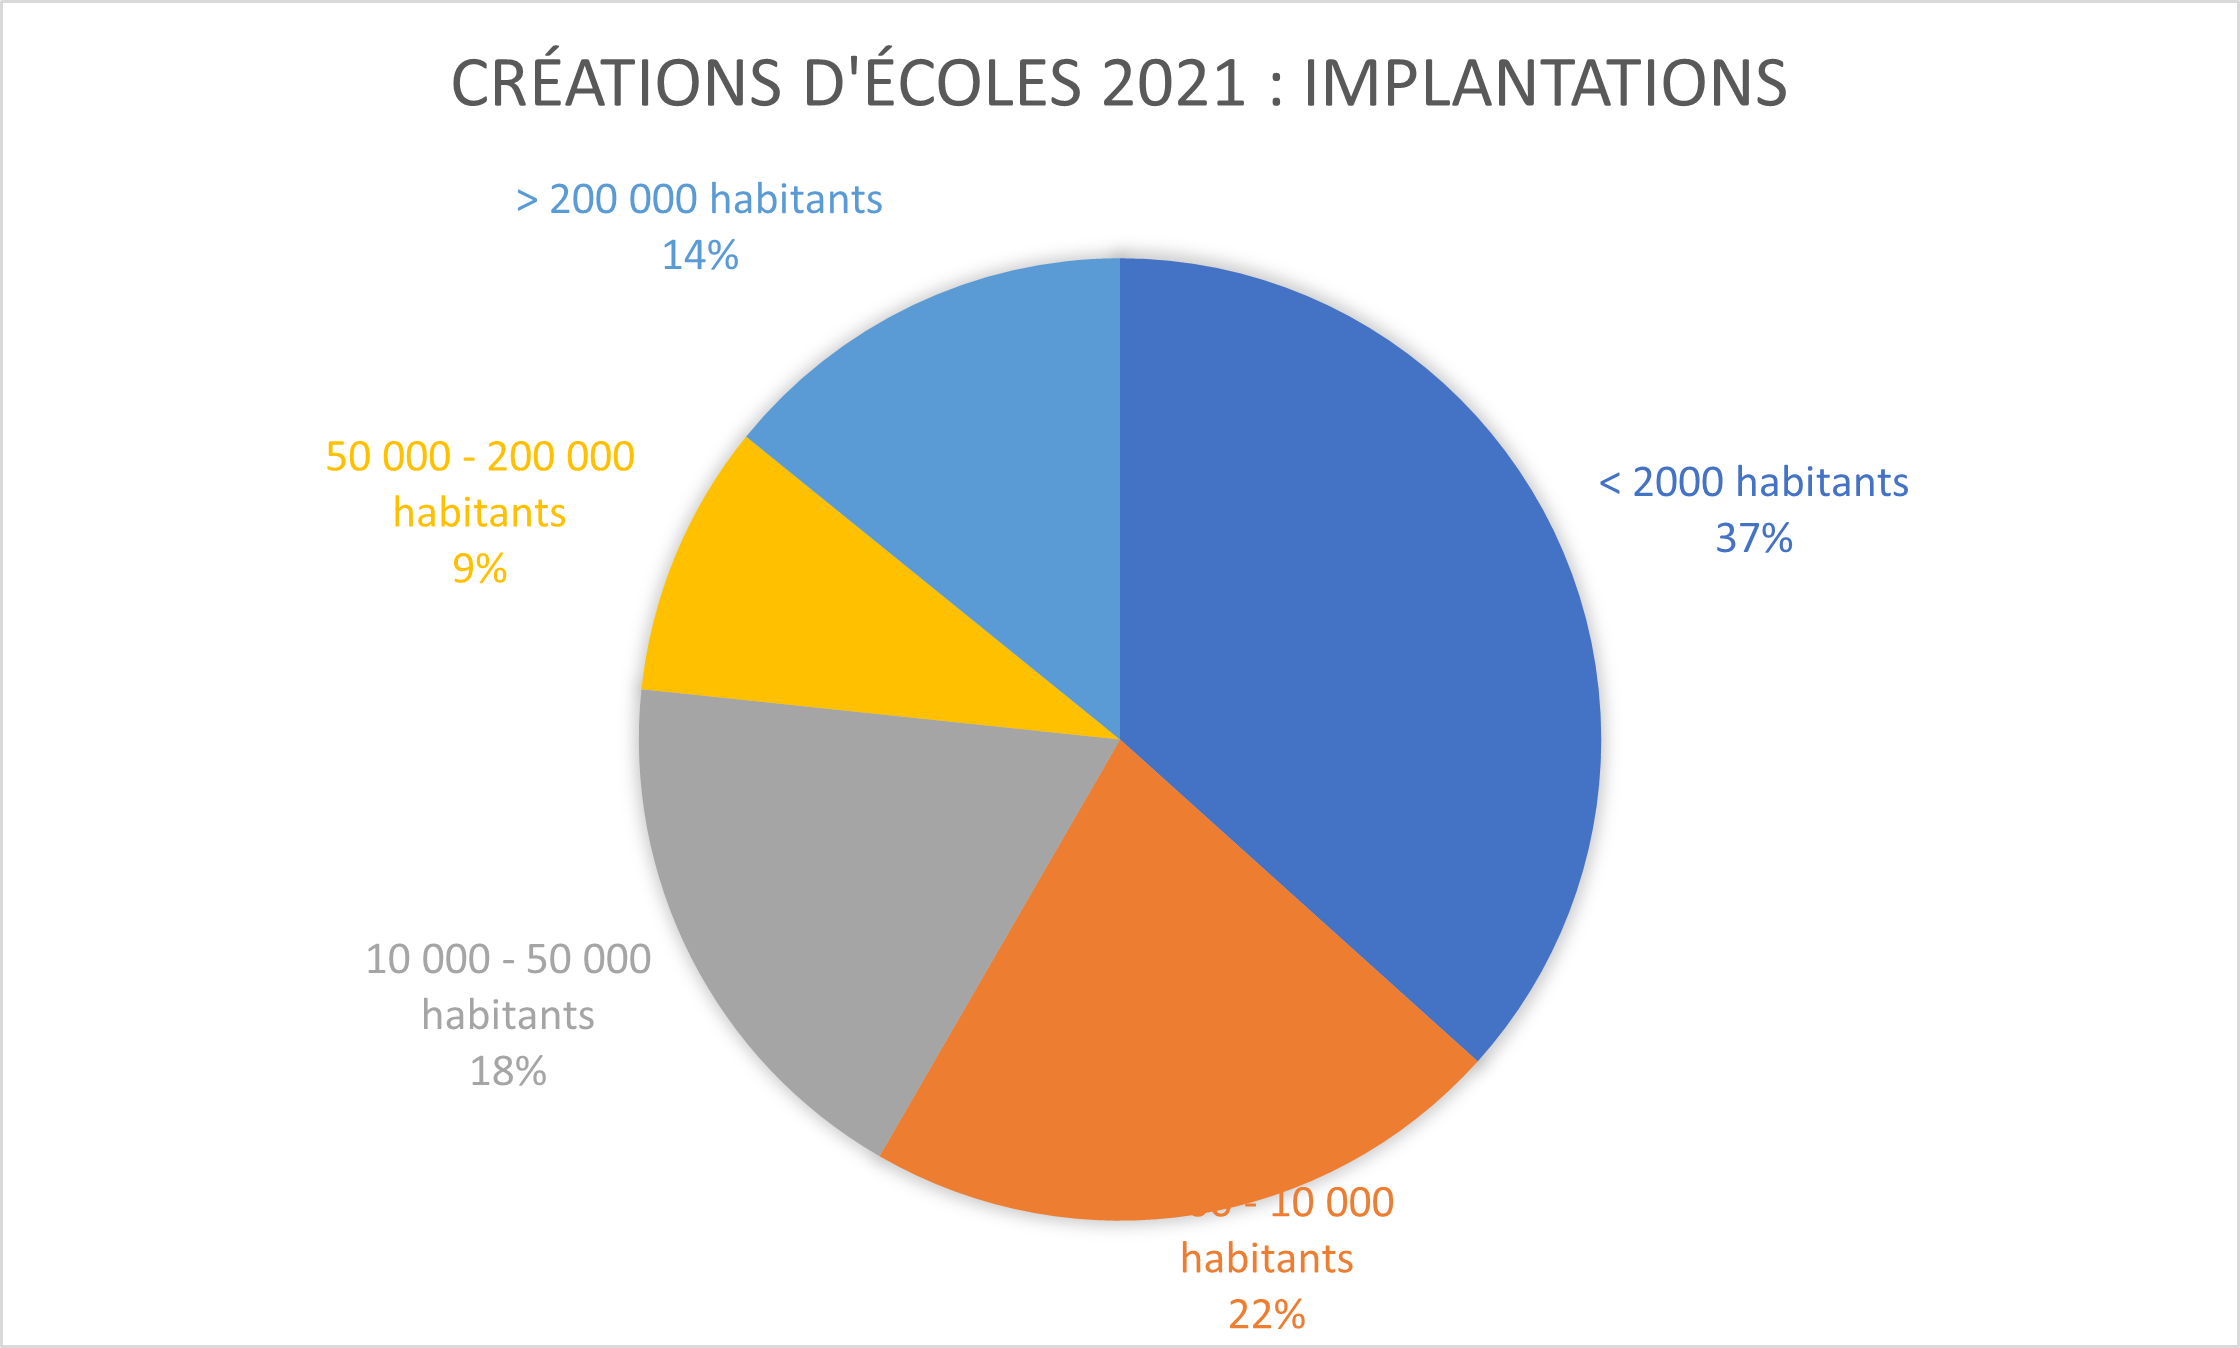 Nouvelles écoles 2021 : implantations